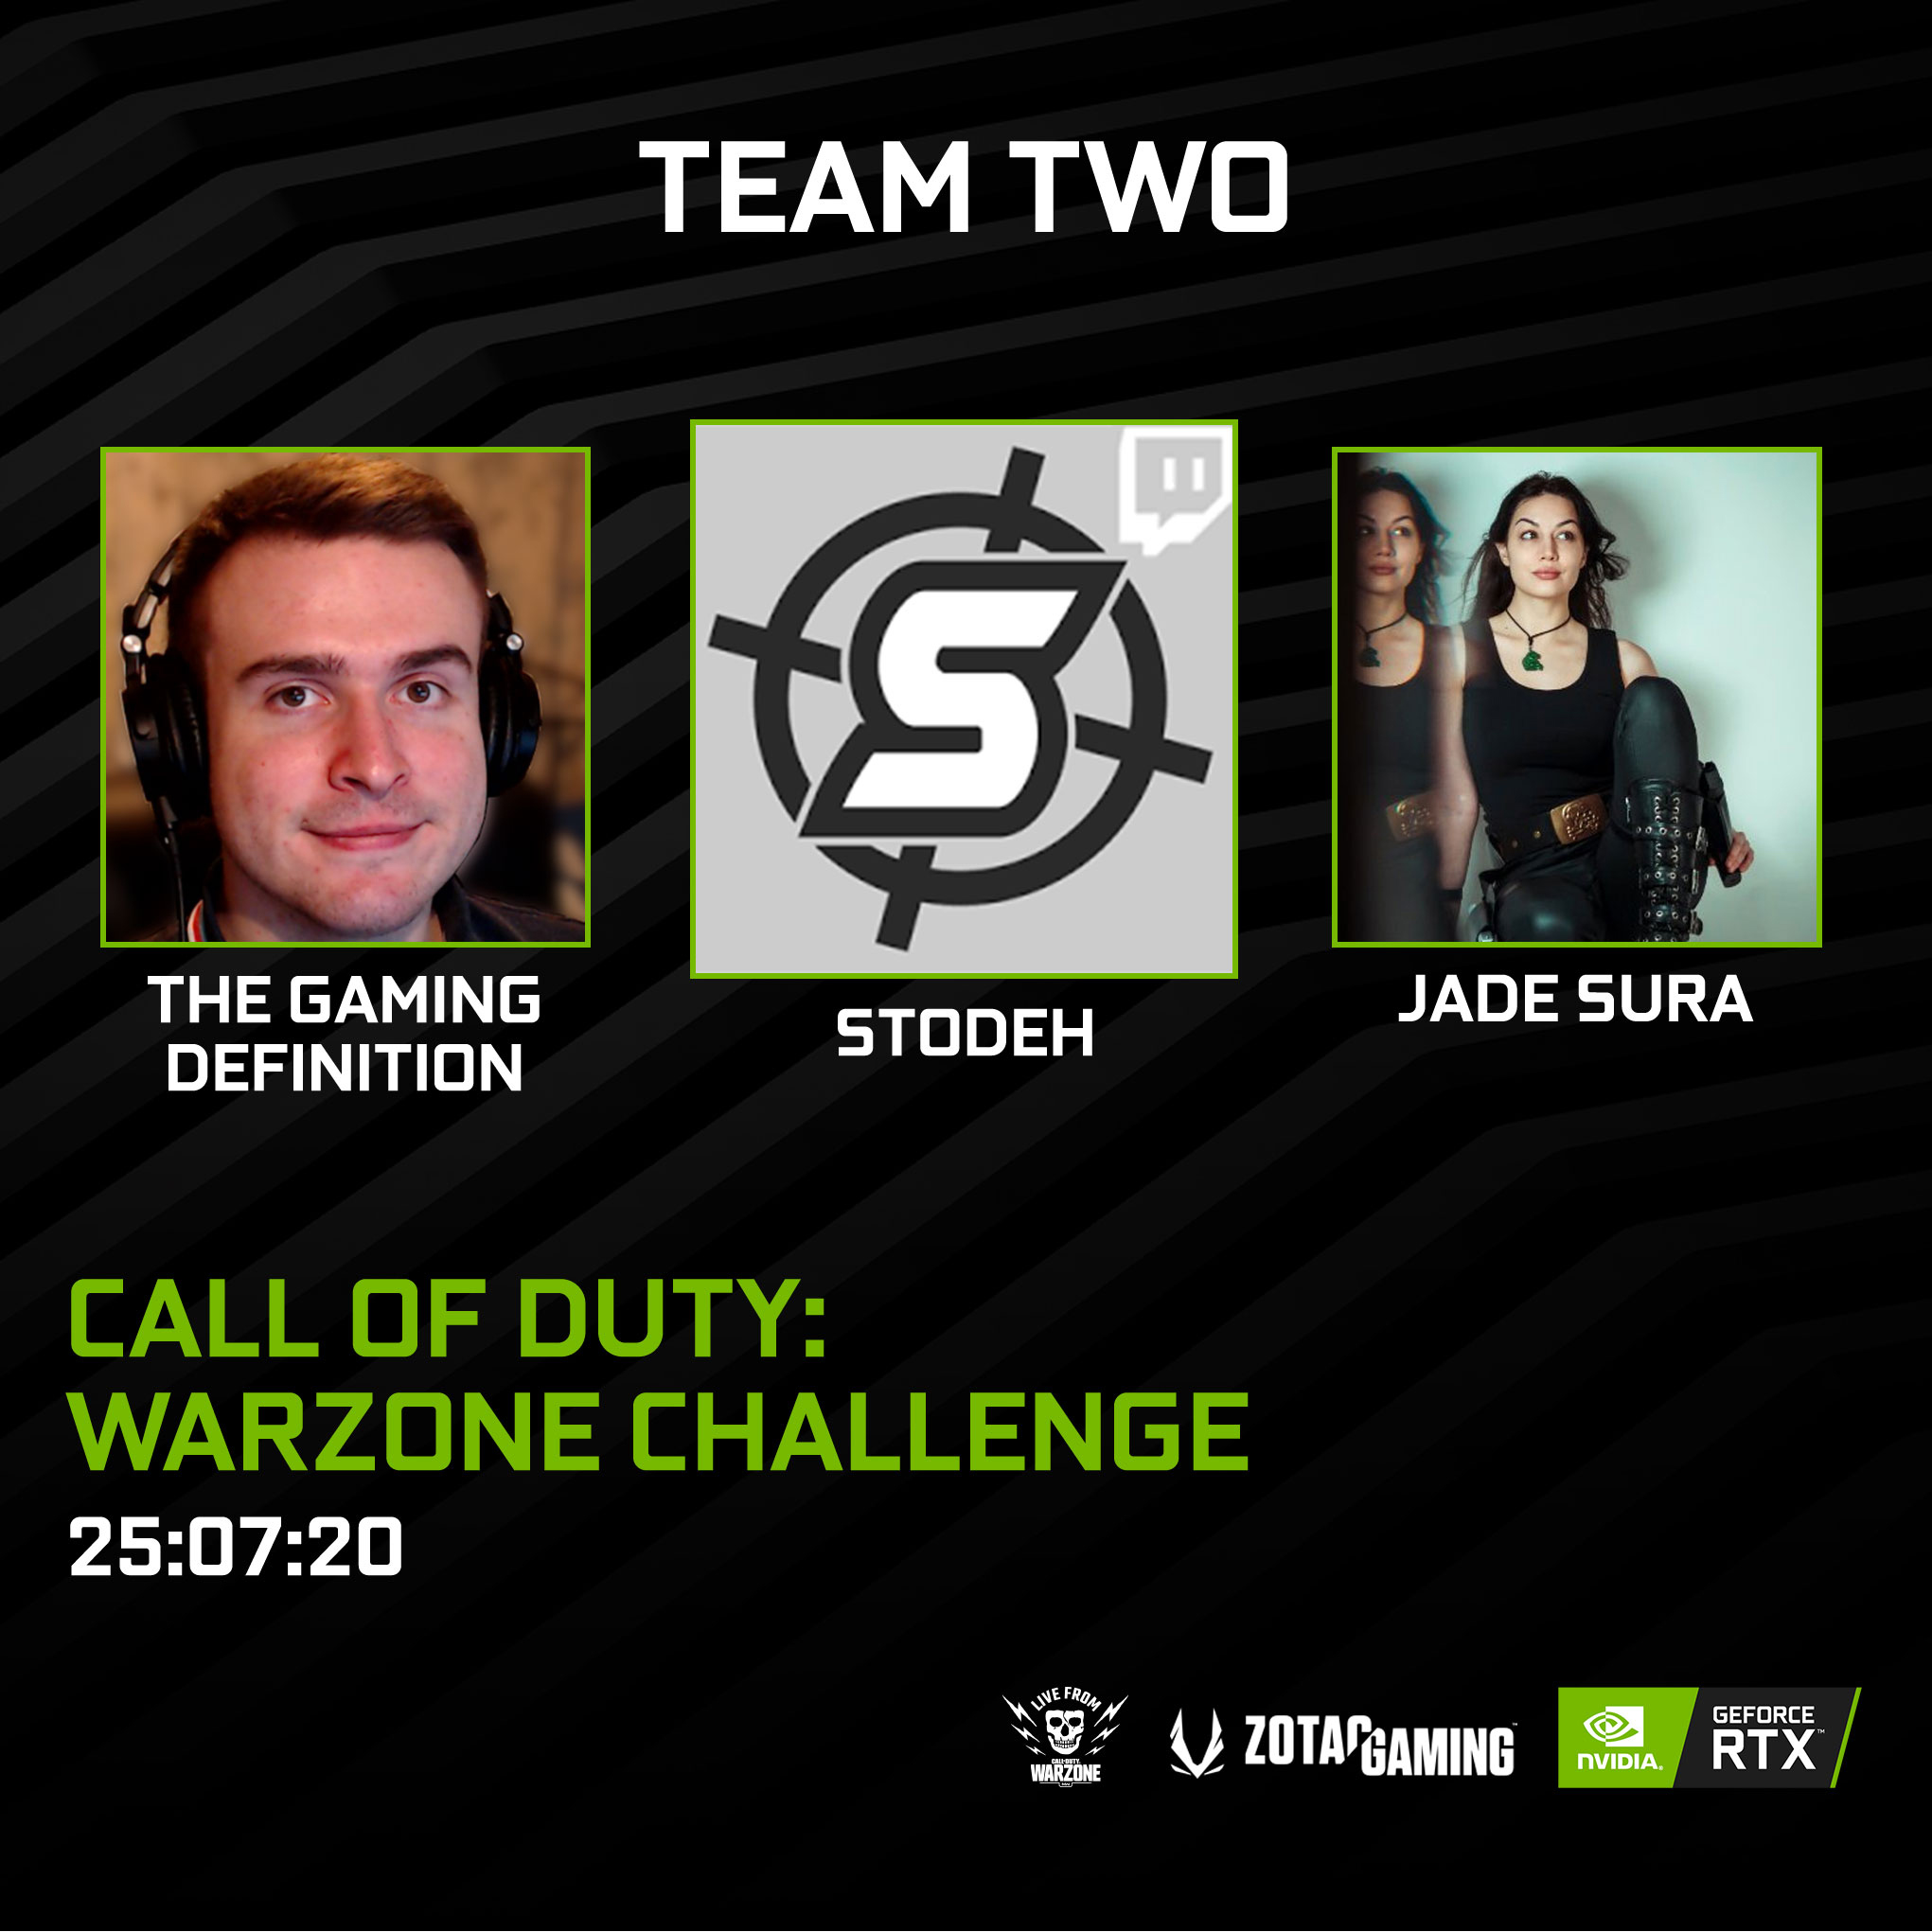 Jade Sura - Nvidia Call of Duty Warzone